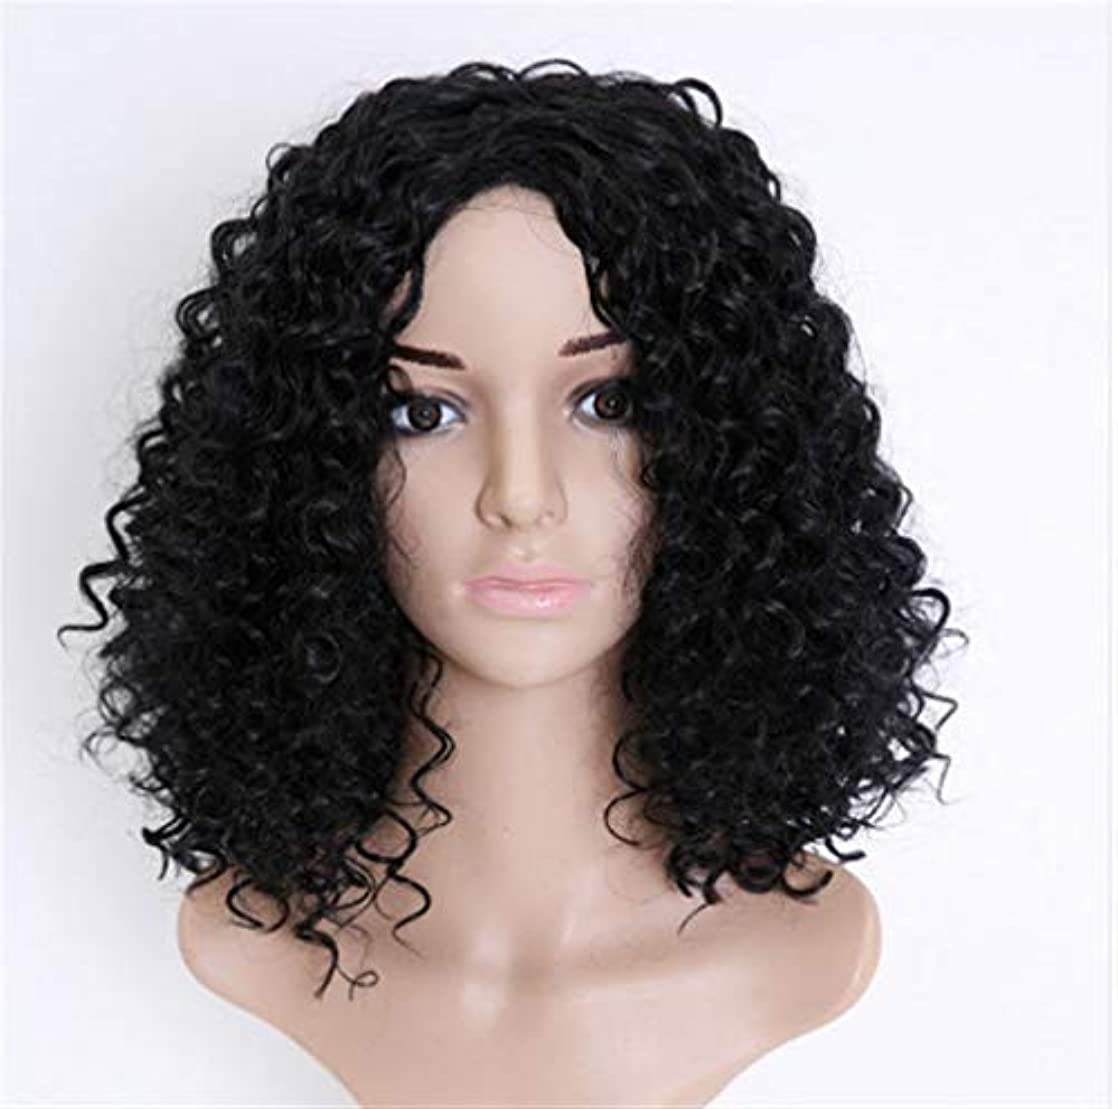 乞食アーネストシャクルトンジェスチャーSRY-Wigファッション ファッション長い短い髪のかつらかつらヨーロッパやアメリカの短い巻き毛のかつら女性のアフリカの少量の爆発ヘッド化学繊維かつら (Color : Black)